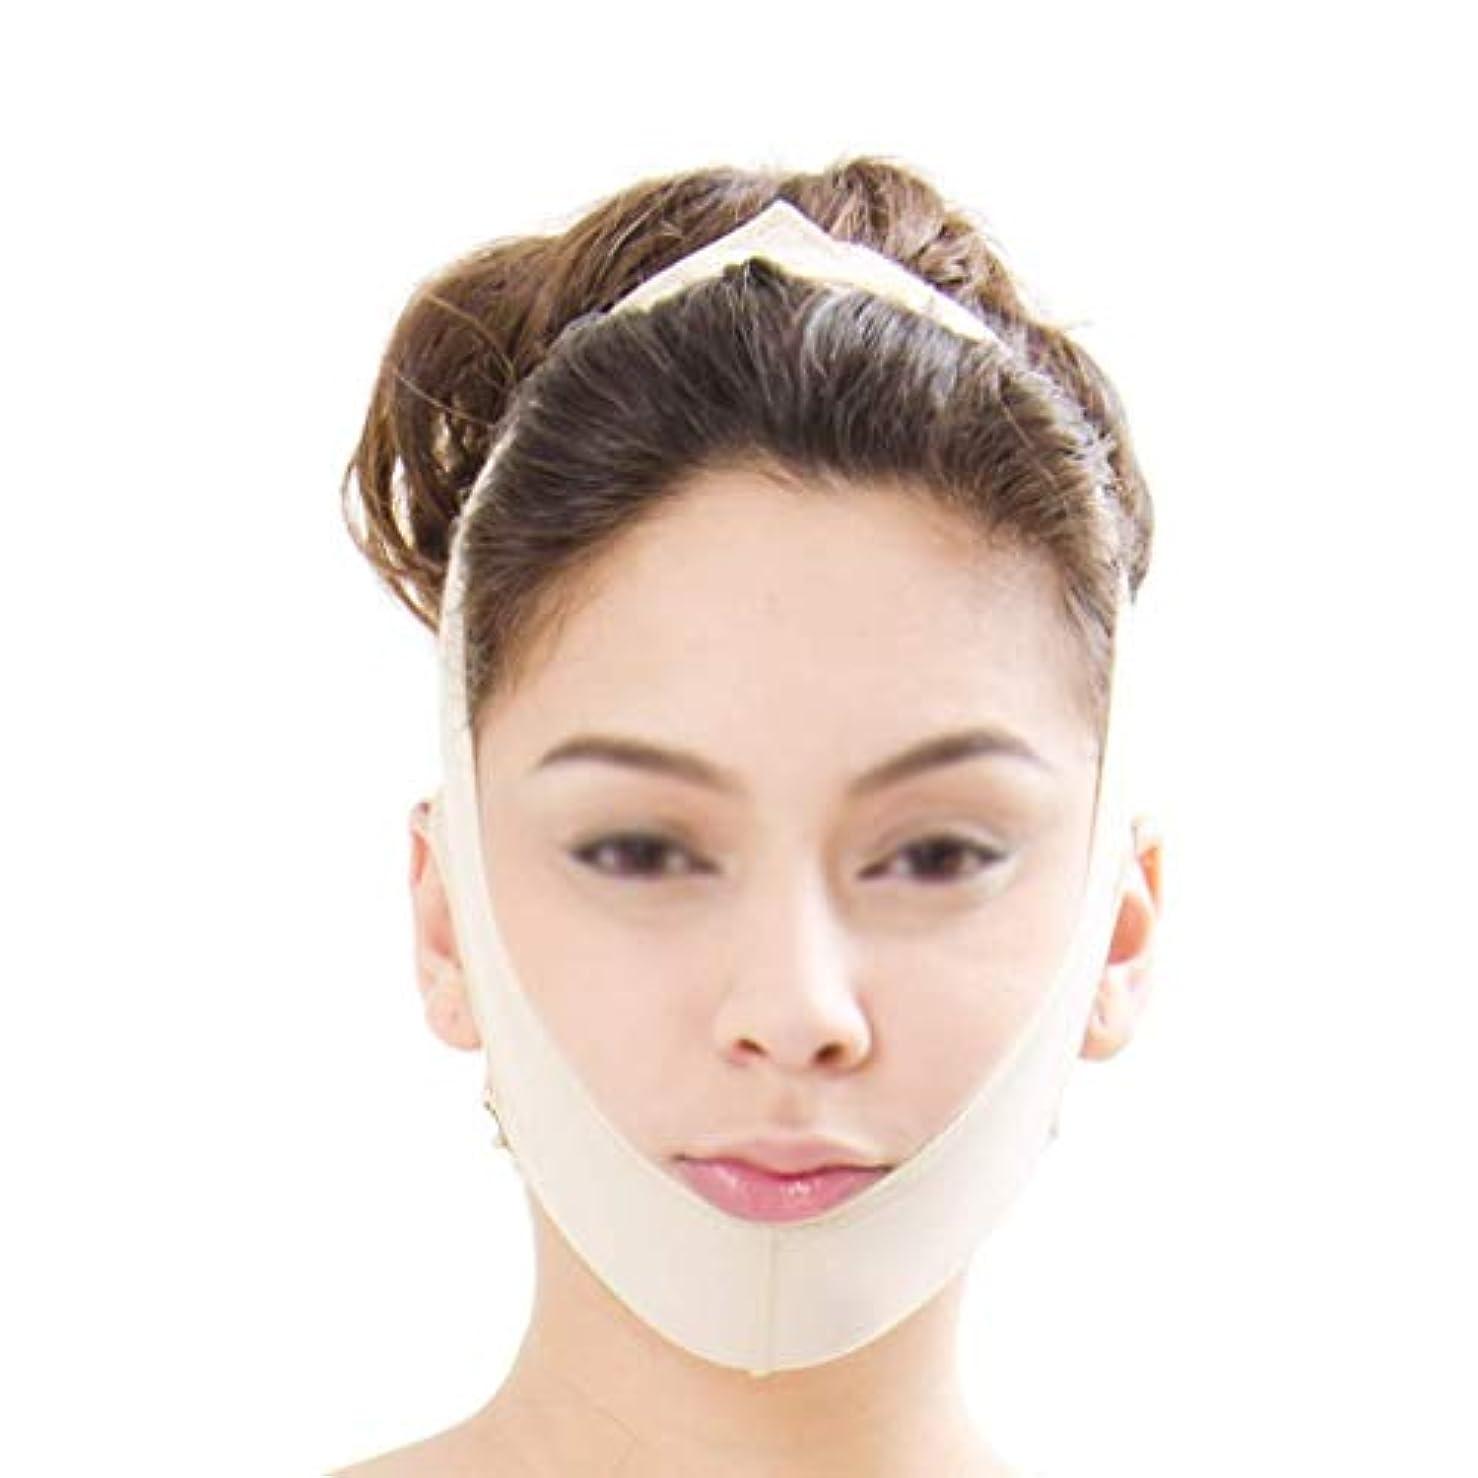 バング絶壁素晴らしいですフェイススリミングバンデージ、フェイスリフティングマスク、フェイスリフティングバンデージ、フェイシャル減量マスク、ダブルチンケア減量(サイズ:M),XXL